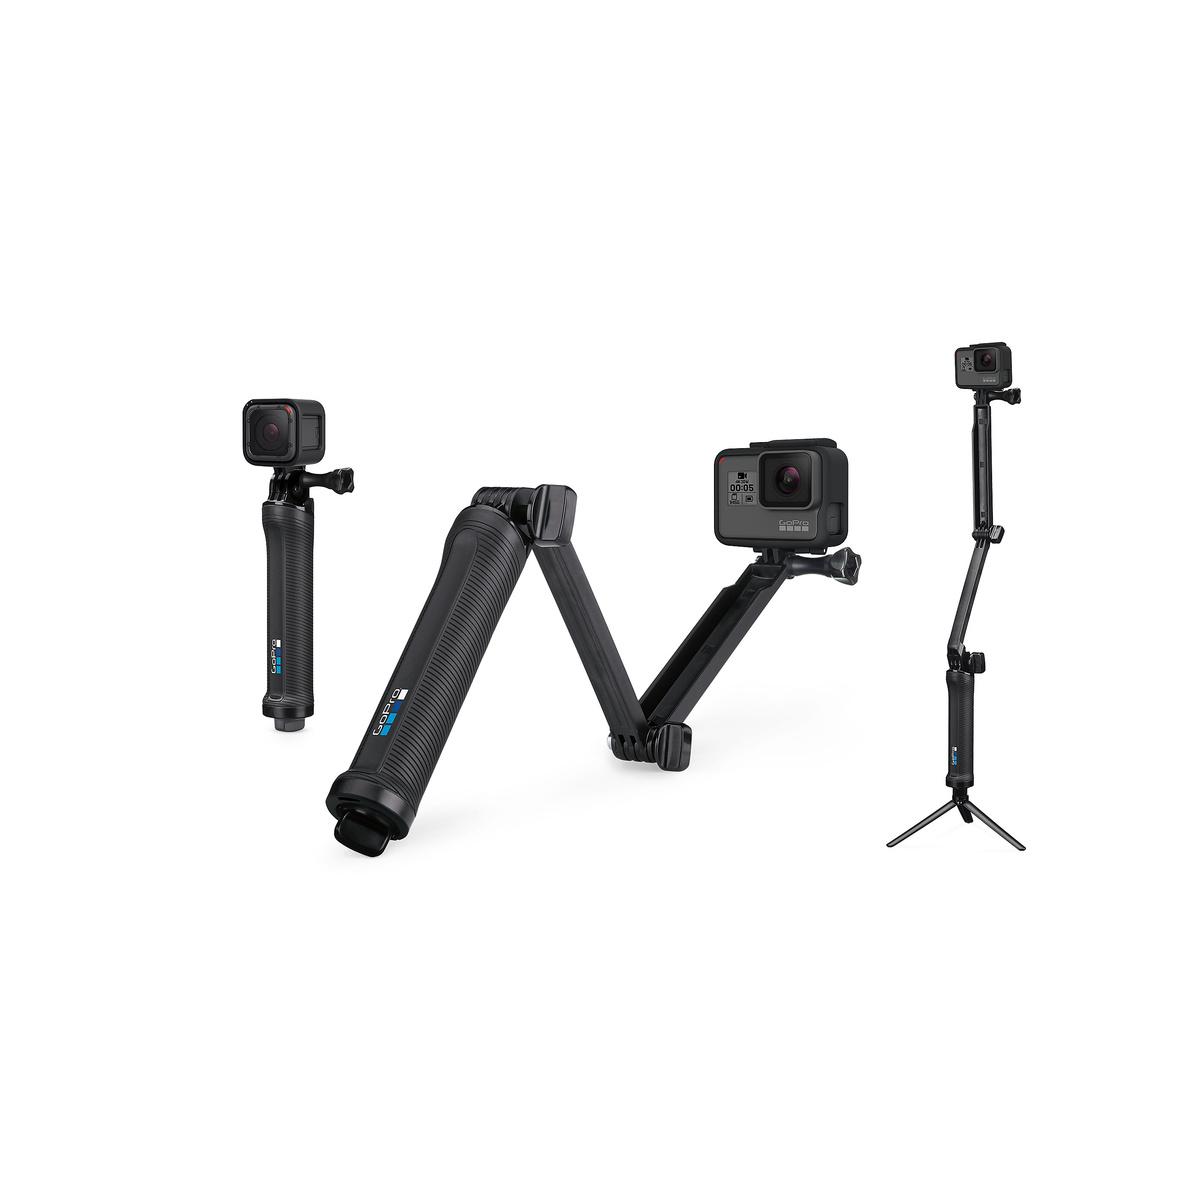 【送料無料】 GoPro(ゴープロ) キャンプ用品 キャンピングアクセサリー GoPro 3-WAY AFAEM-001